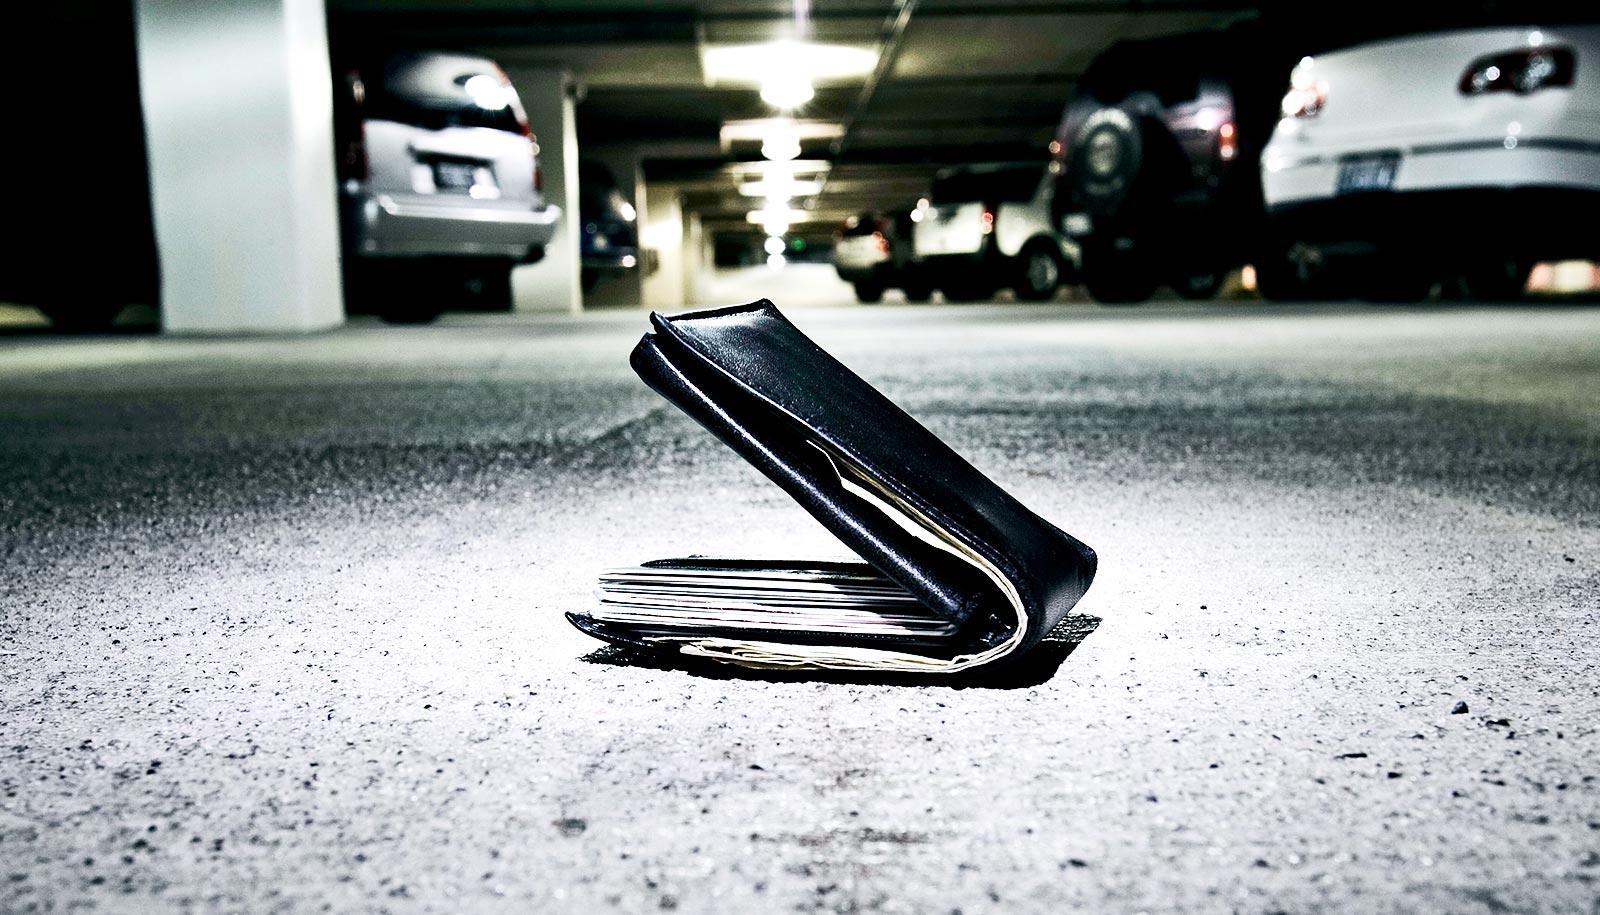 lost wallet in parking lot